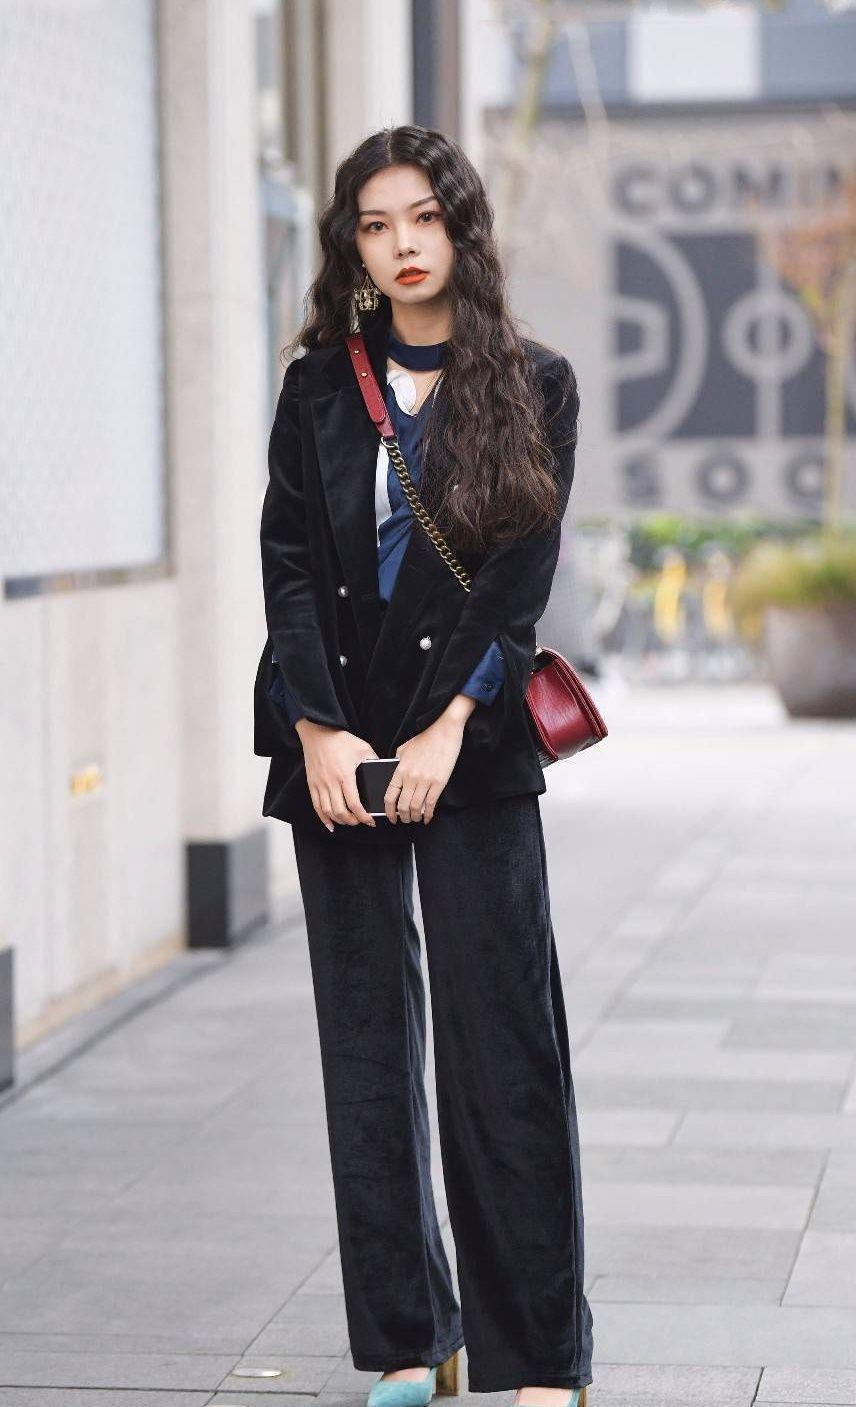 街拍:秋水伊人的美女穿毛边呢子大衣,展现别样的时尚魅力